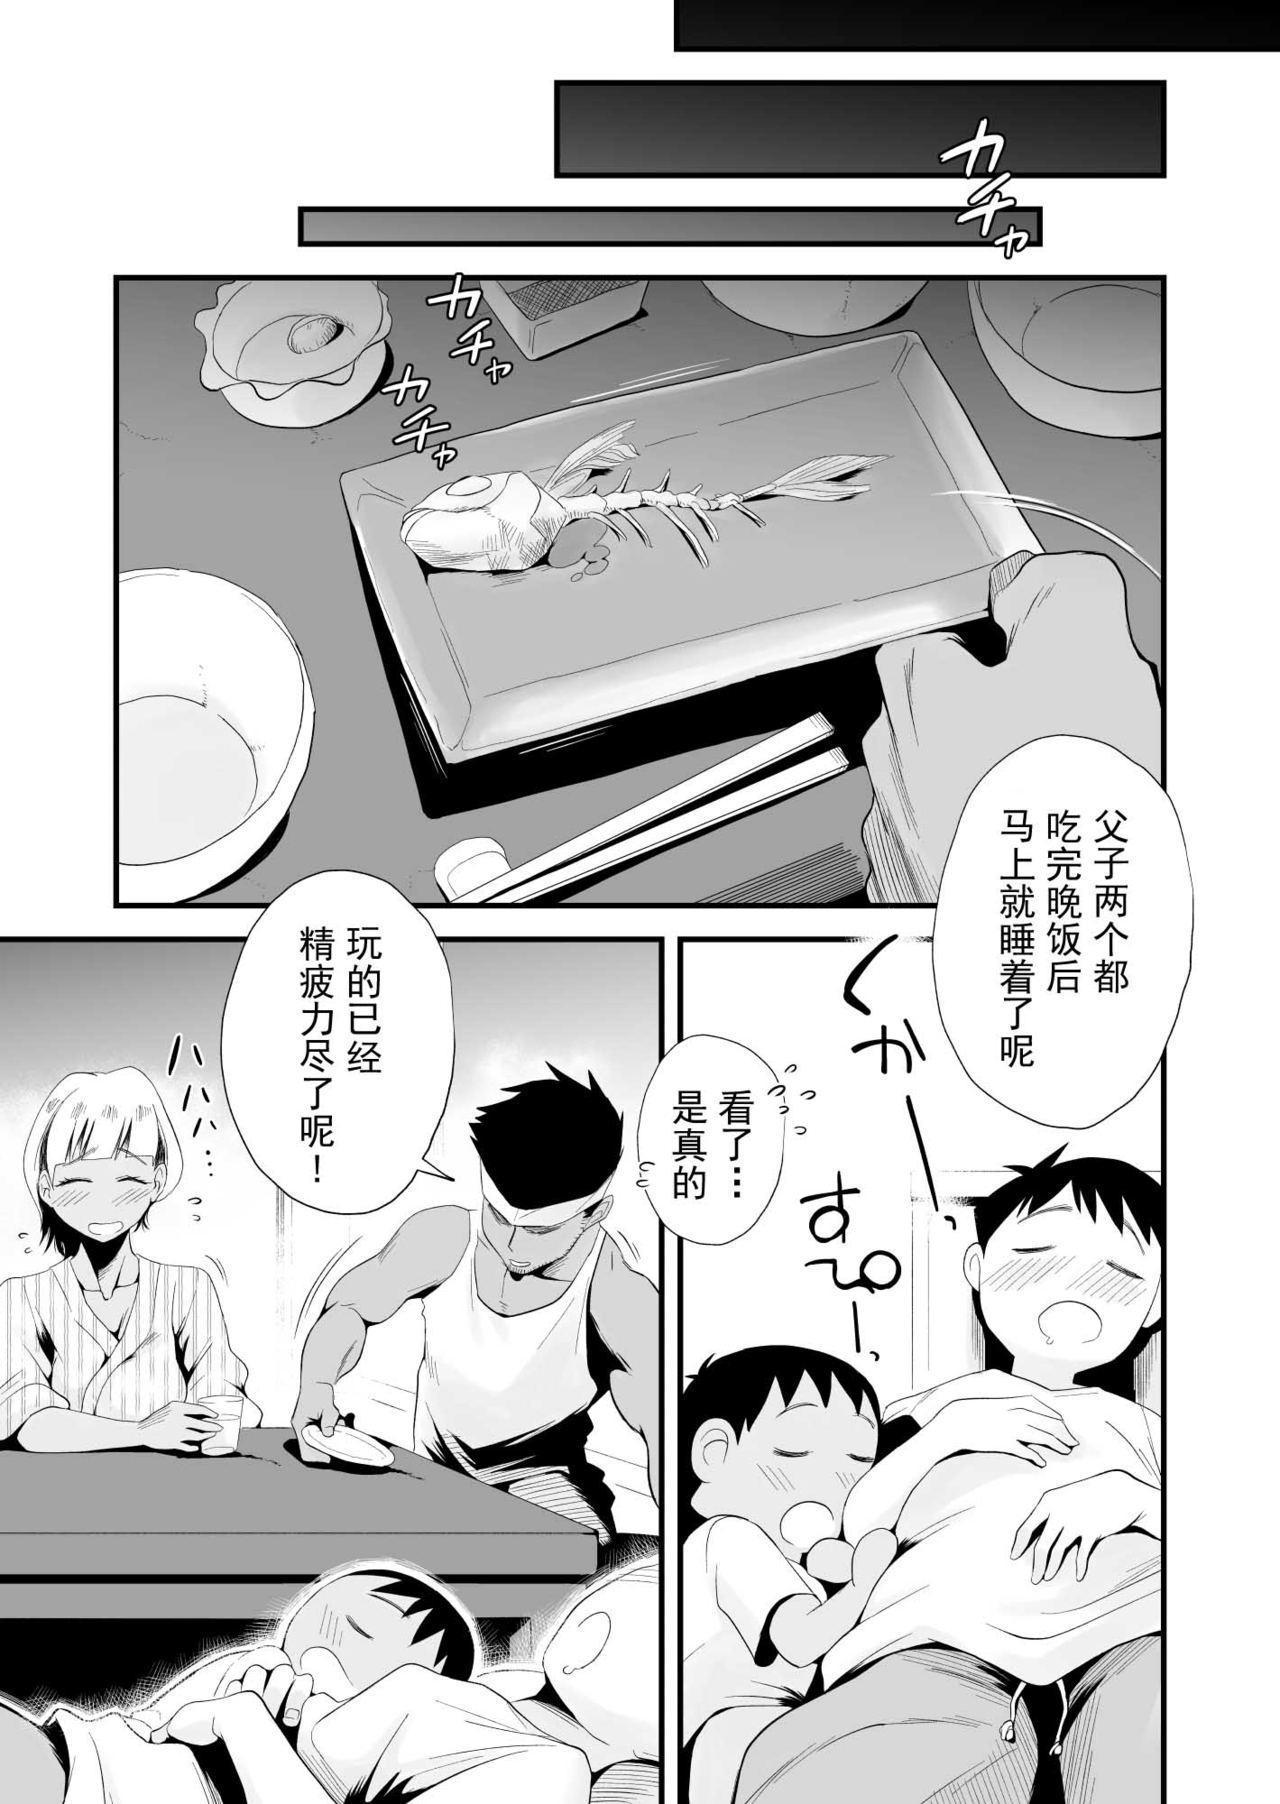 [Haitoku Sensei] Ore no Yome ga Netorarete Iru! ~Umi no Mieru Machi Kouhen~[Chinese]【不可视汉化】 31